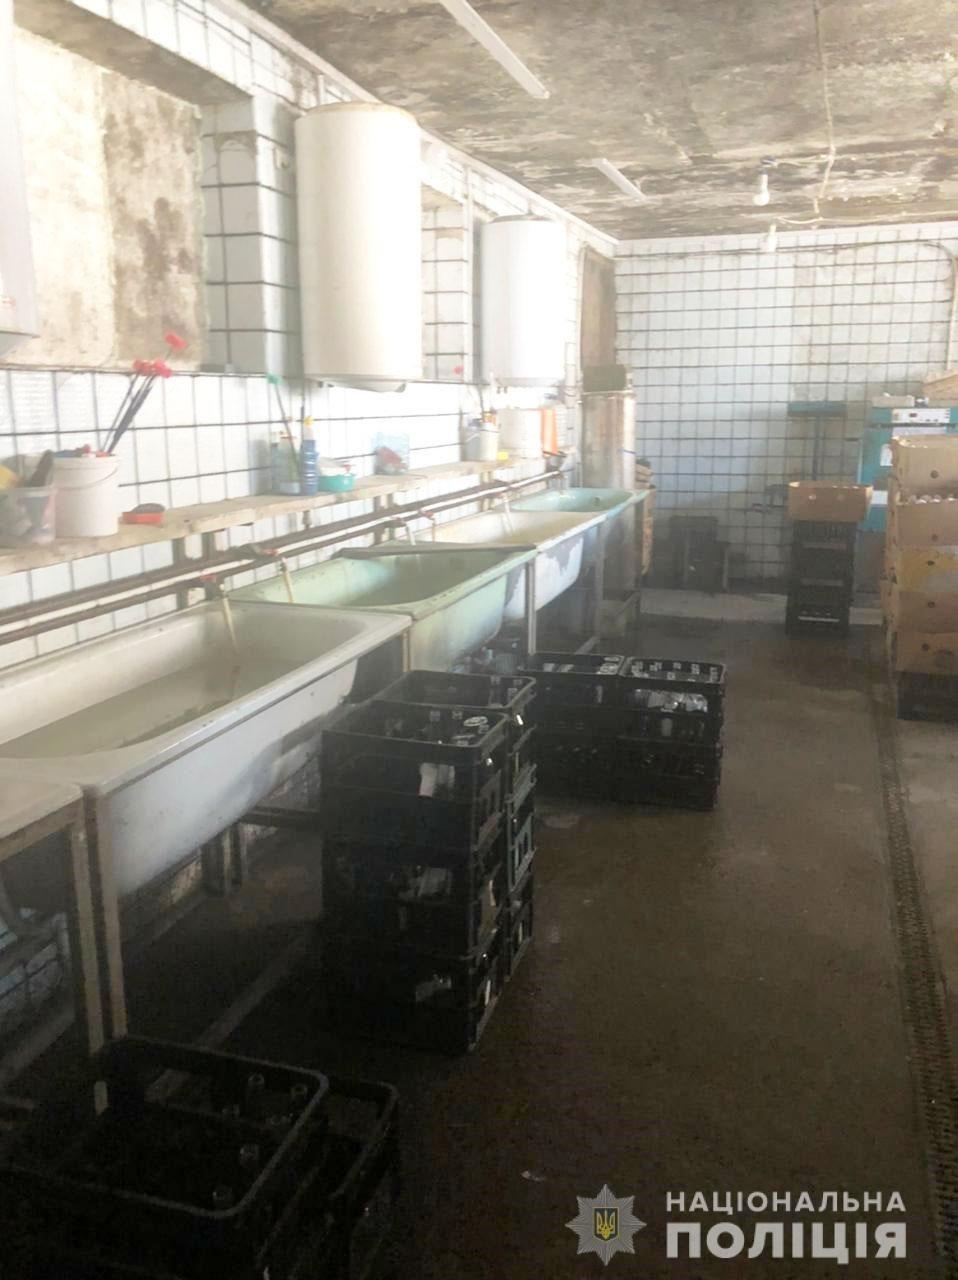 Под Днепром полицейские накрыли подпольную фирму, где делали фальшивый алкоголь и сигареты, фото-7